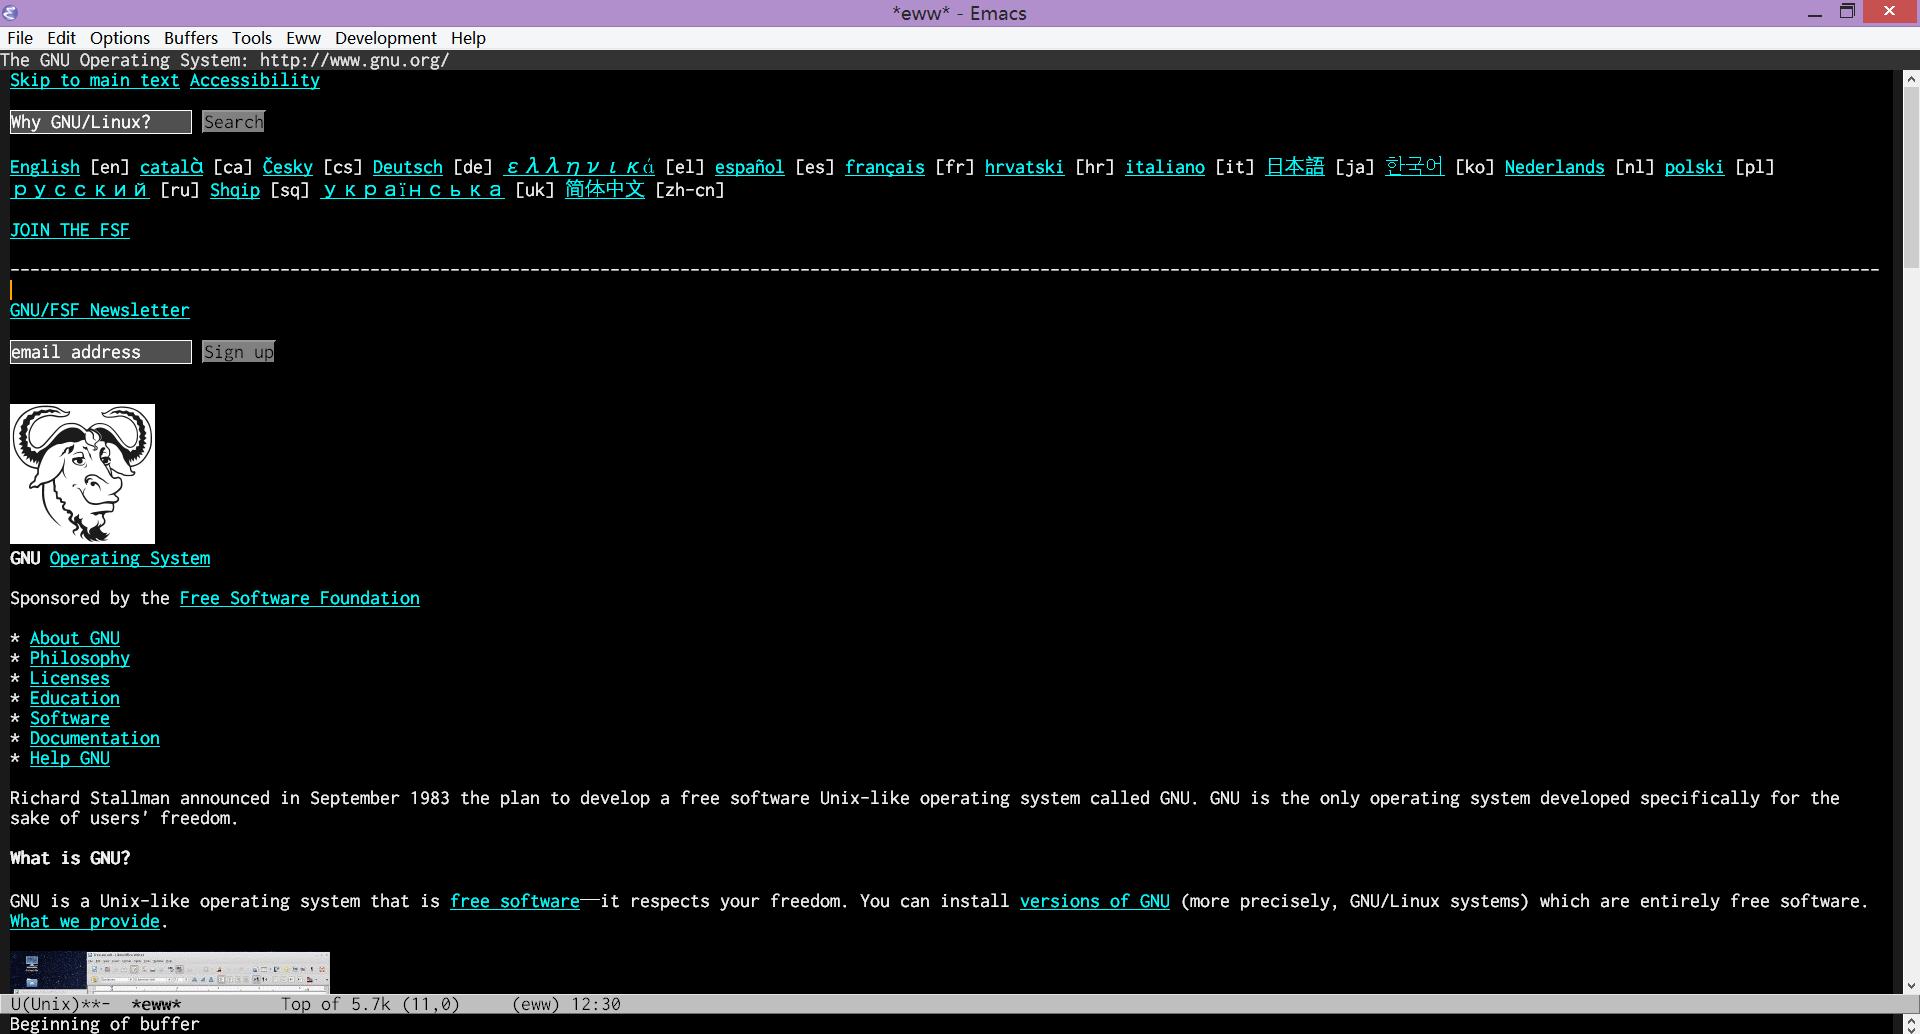 emacs per windows